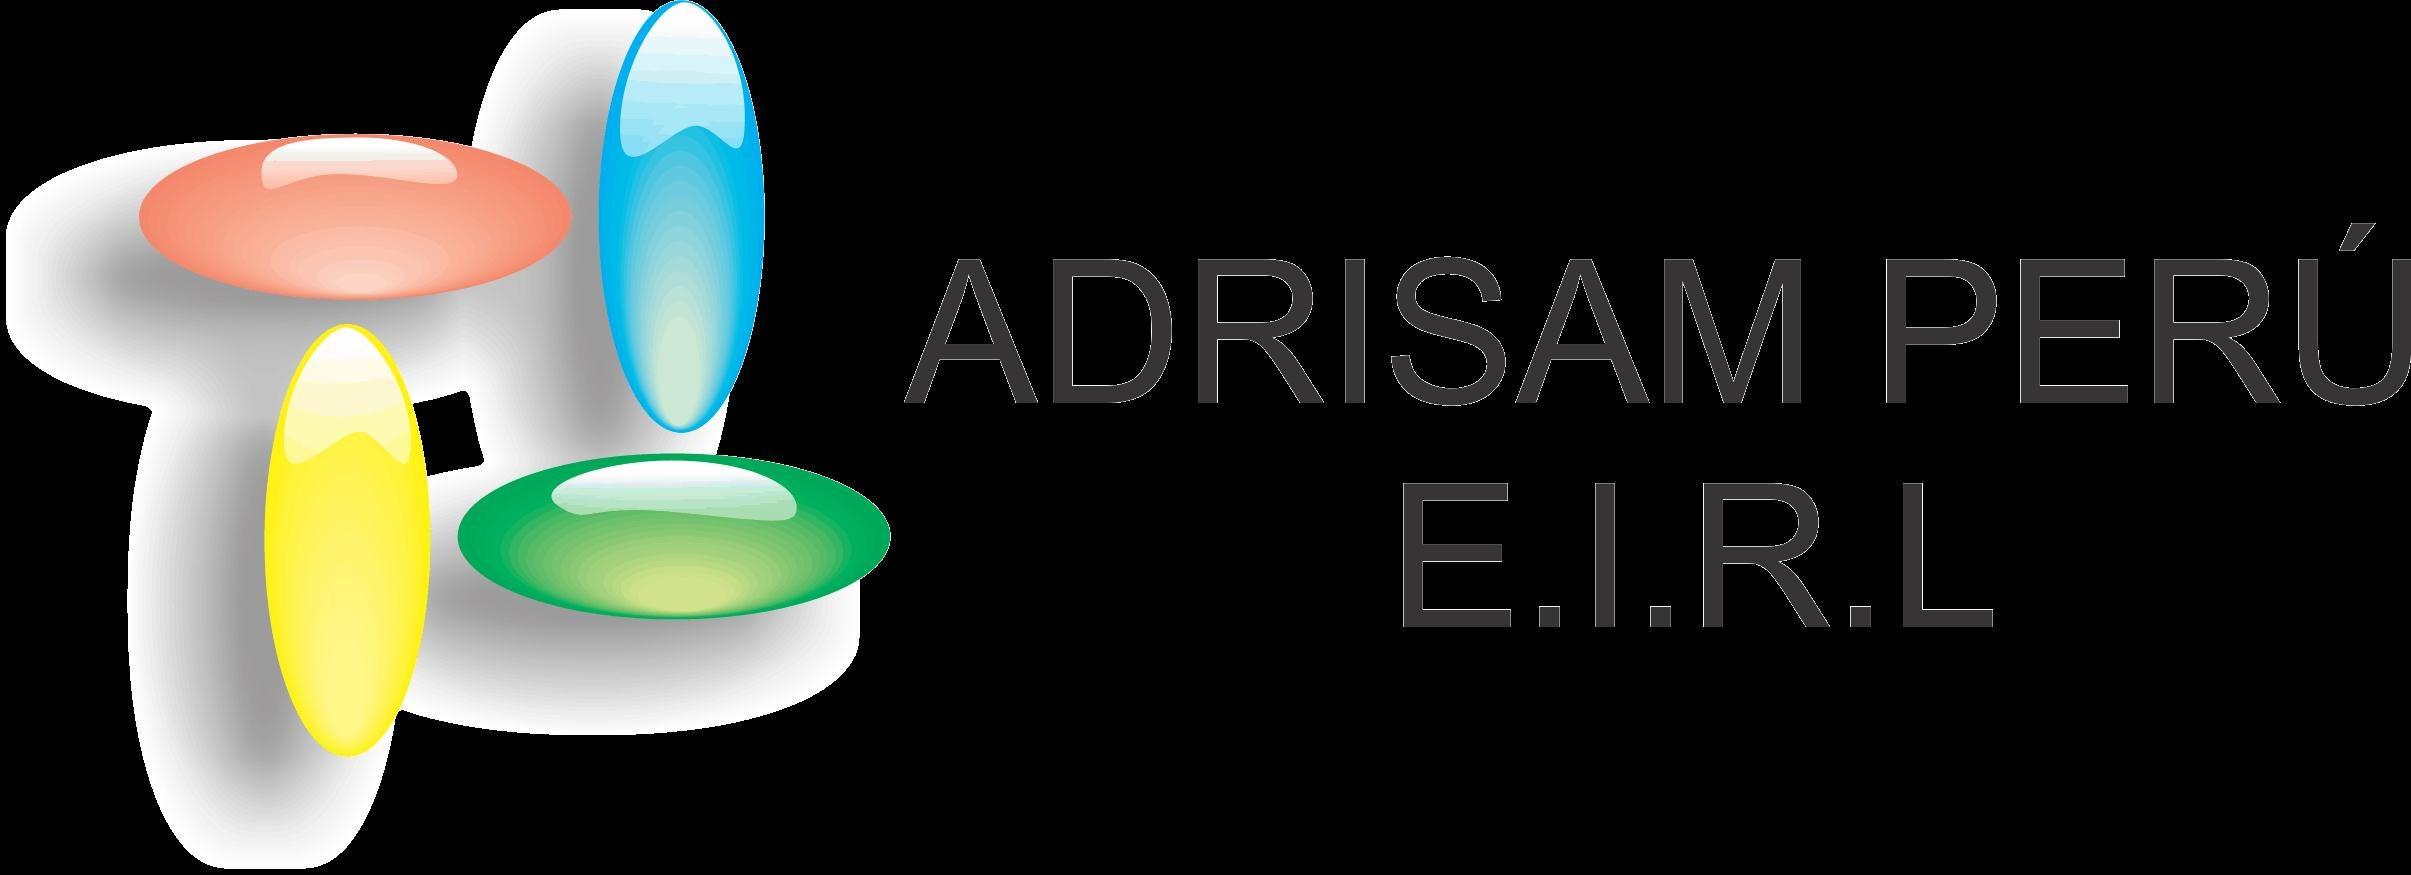 ADRISAM PERU